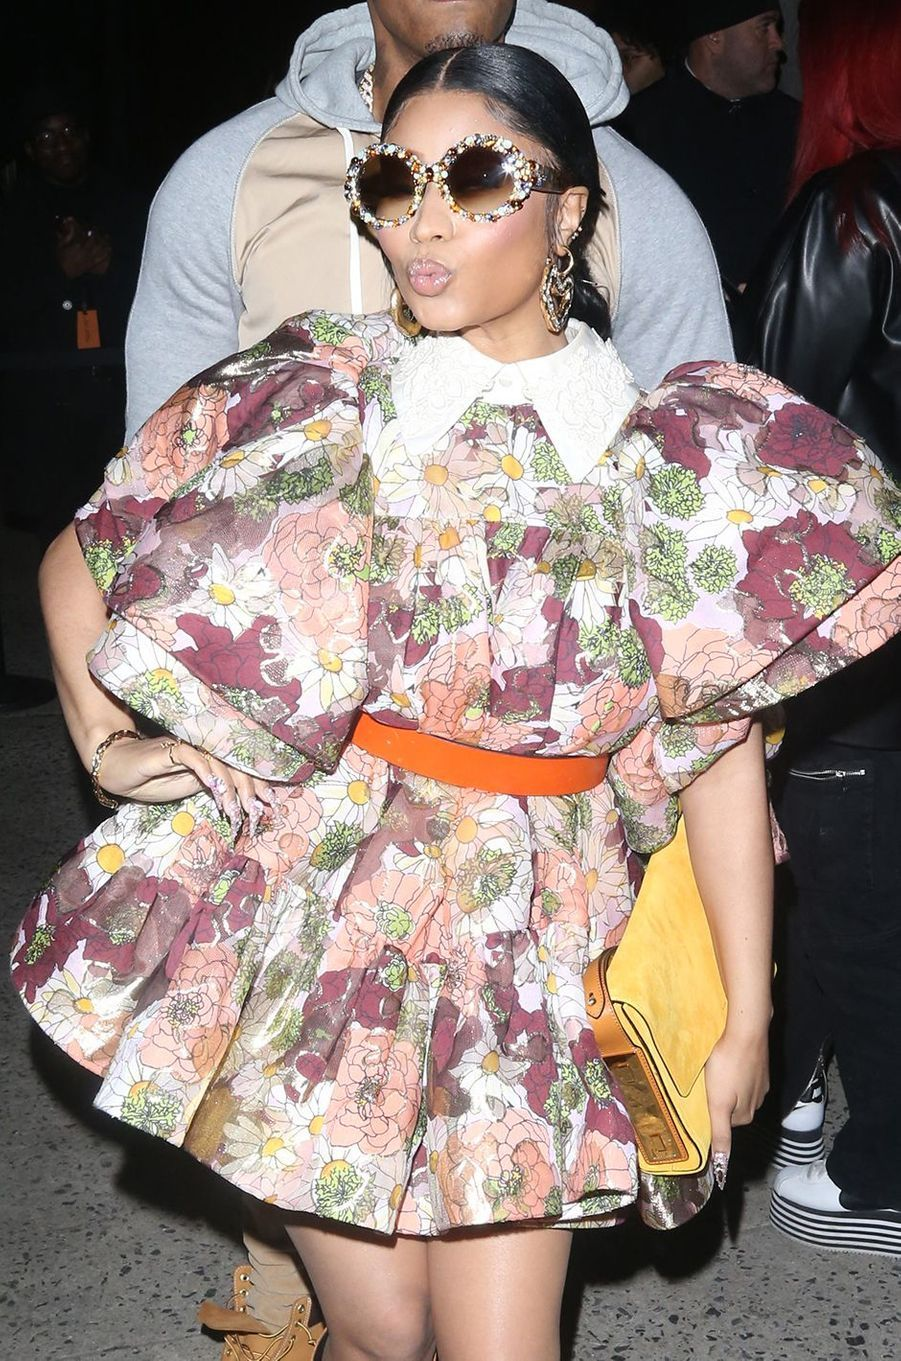 13 - Nicki Minaj.Nombre d'abonnés (en date d'octobre 2020) : 123 millions. Ce qu'elle gagne pour une publication sponsorisée : 625.000 dollars.